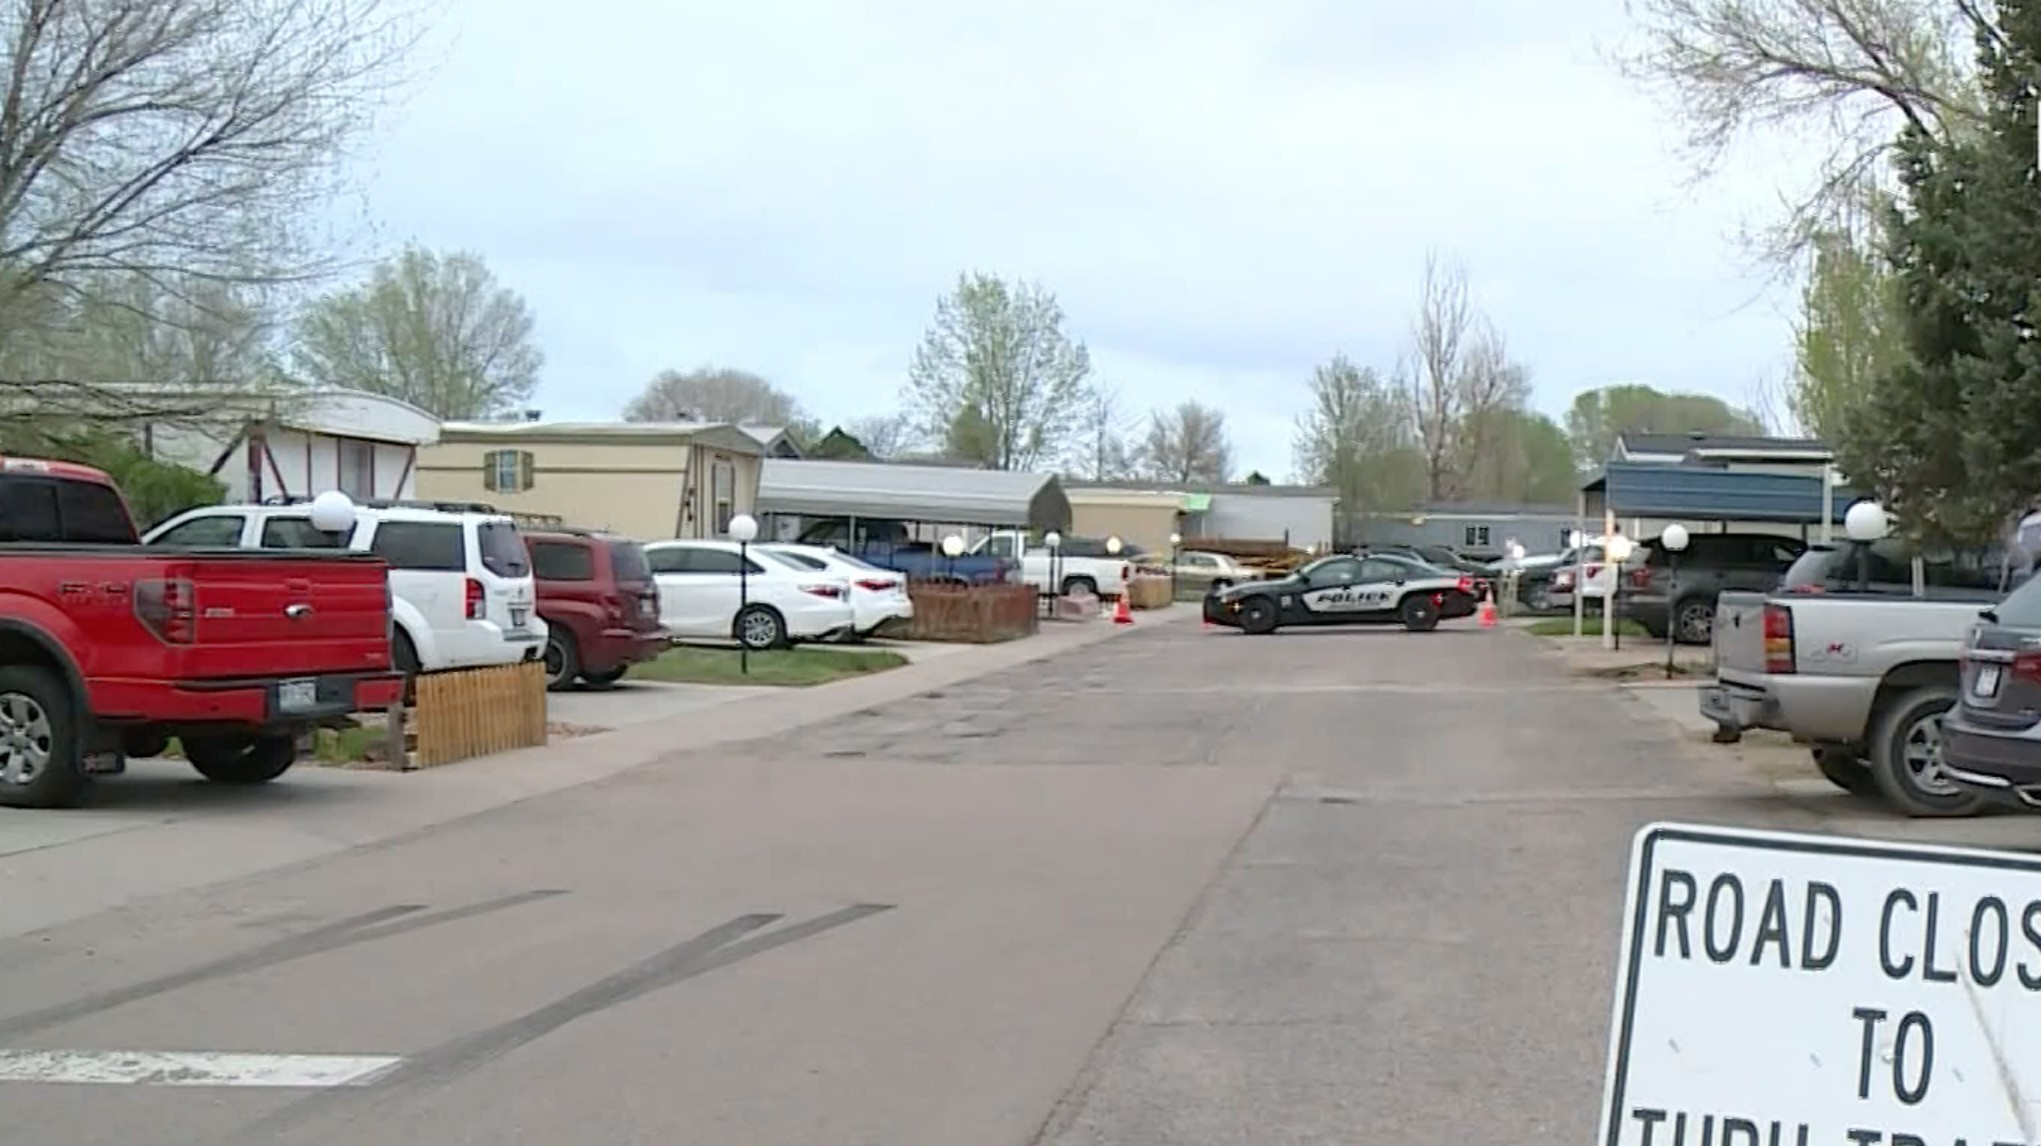 Hat embert agyonlőtt egy férfi Colorado Springsben, egy születésnapi bulin